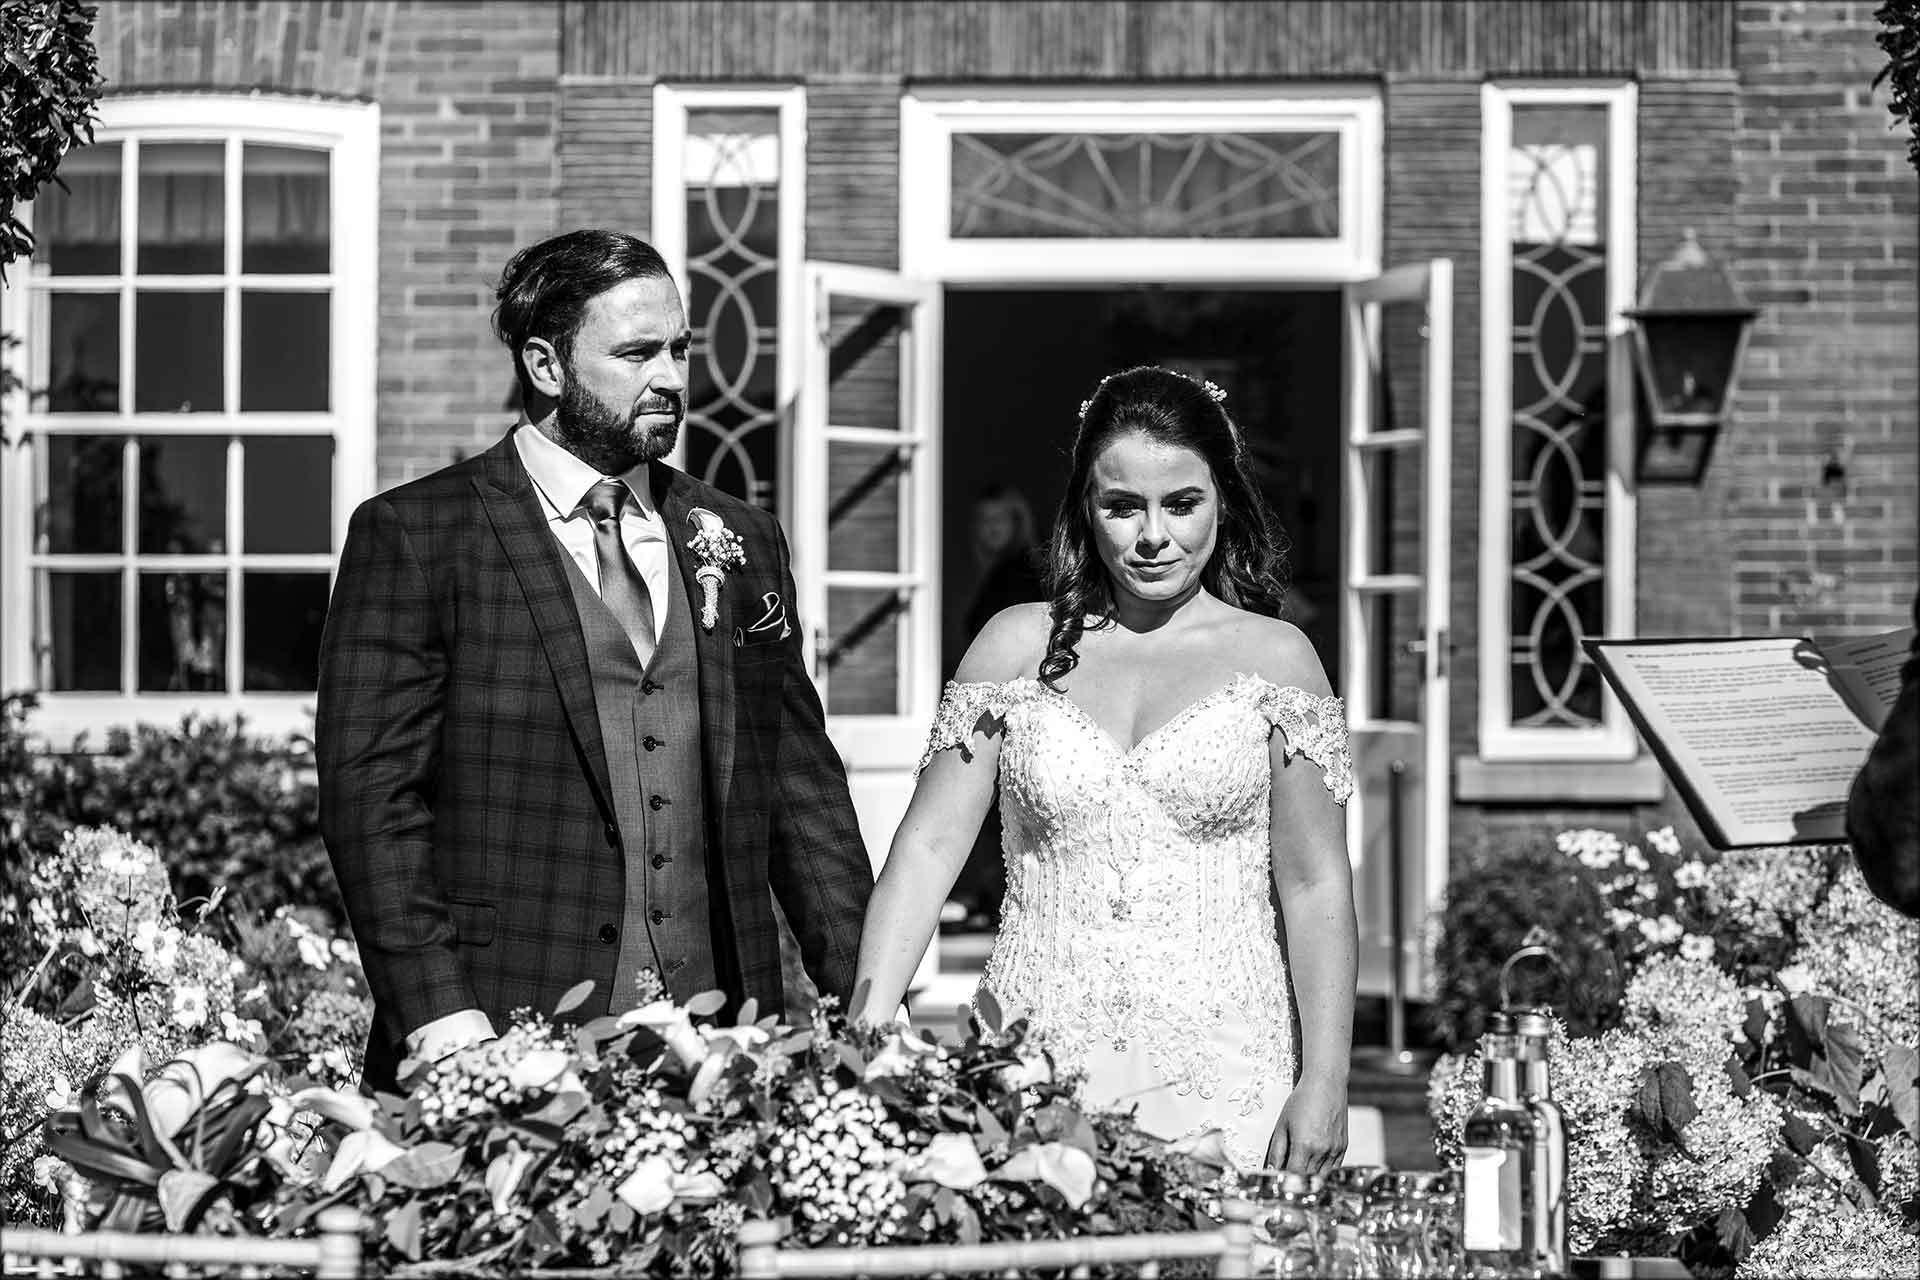 Bride and groom Delamere Manor outdoor wedding ceremony